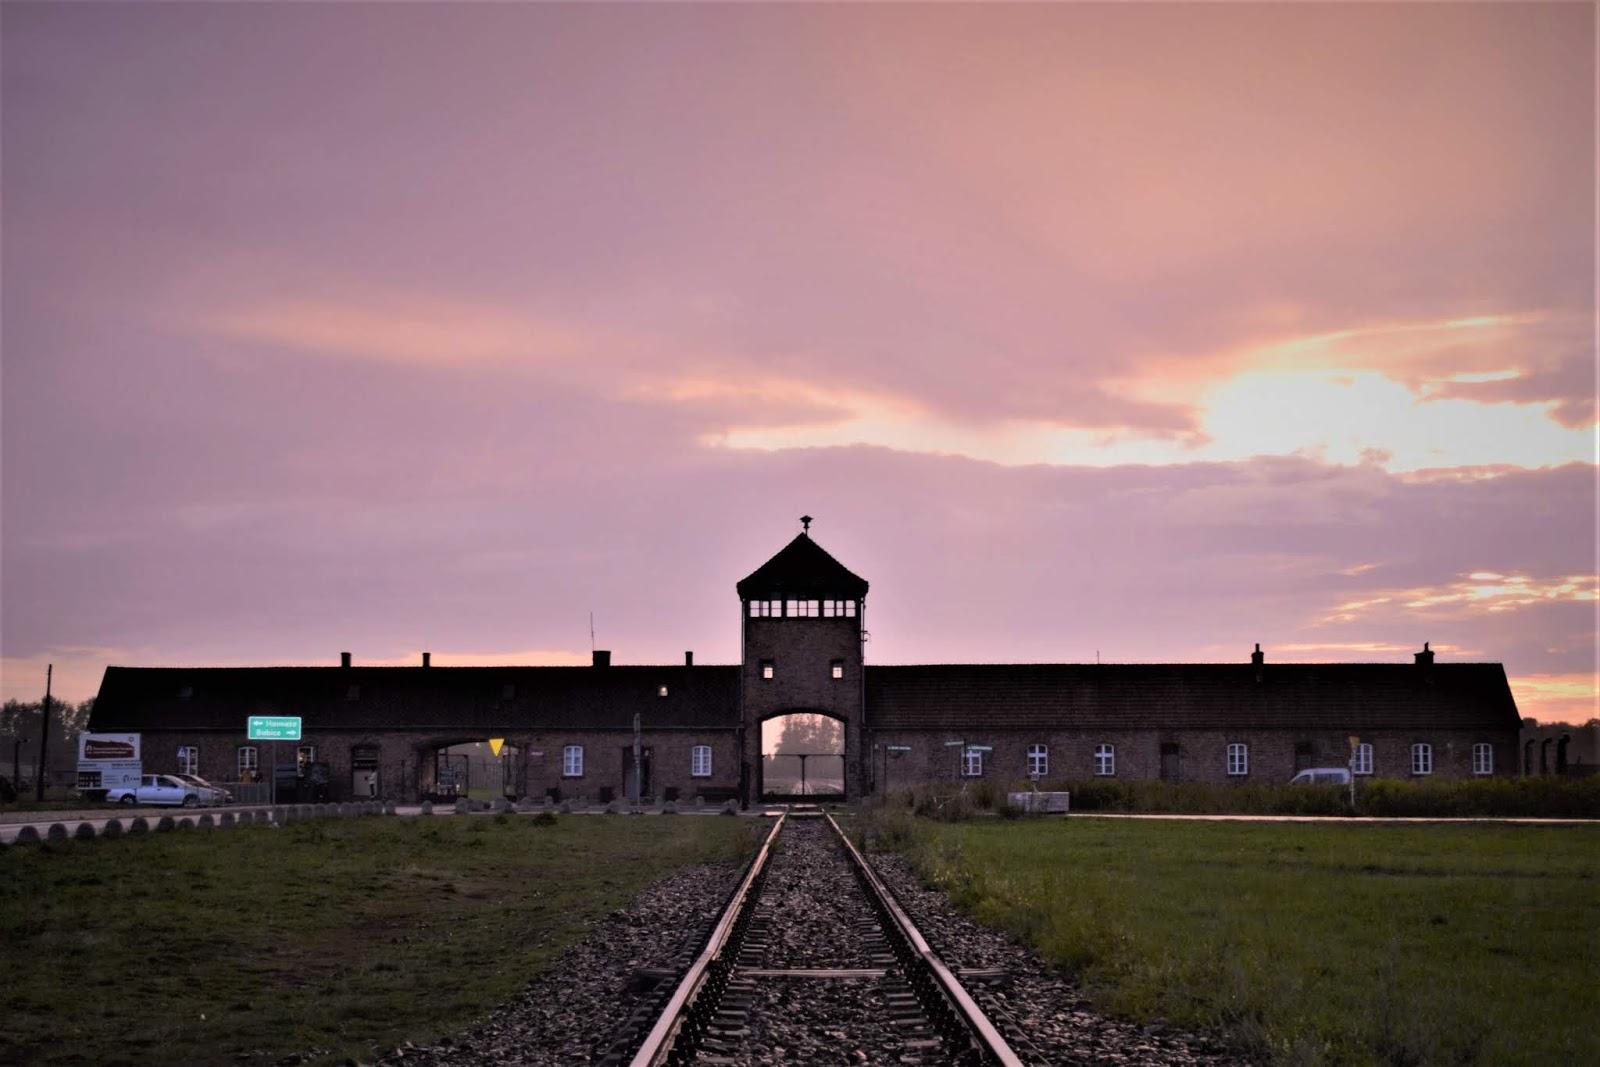 Aušvicas koncentrācijas nometne Polija